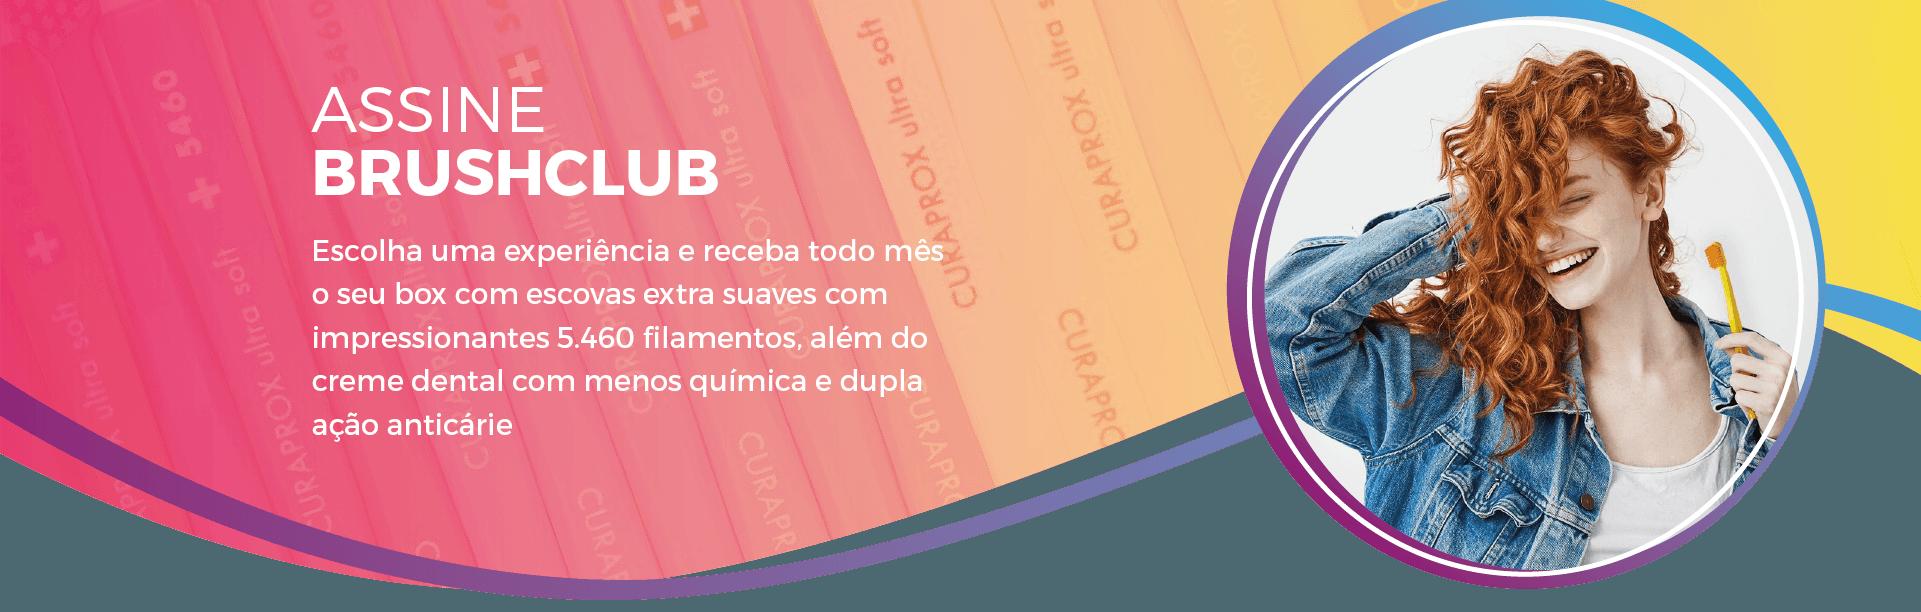 Assine BrushClub